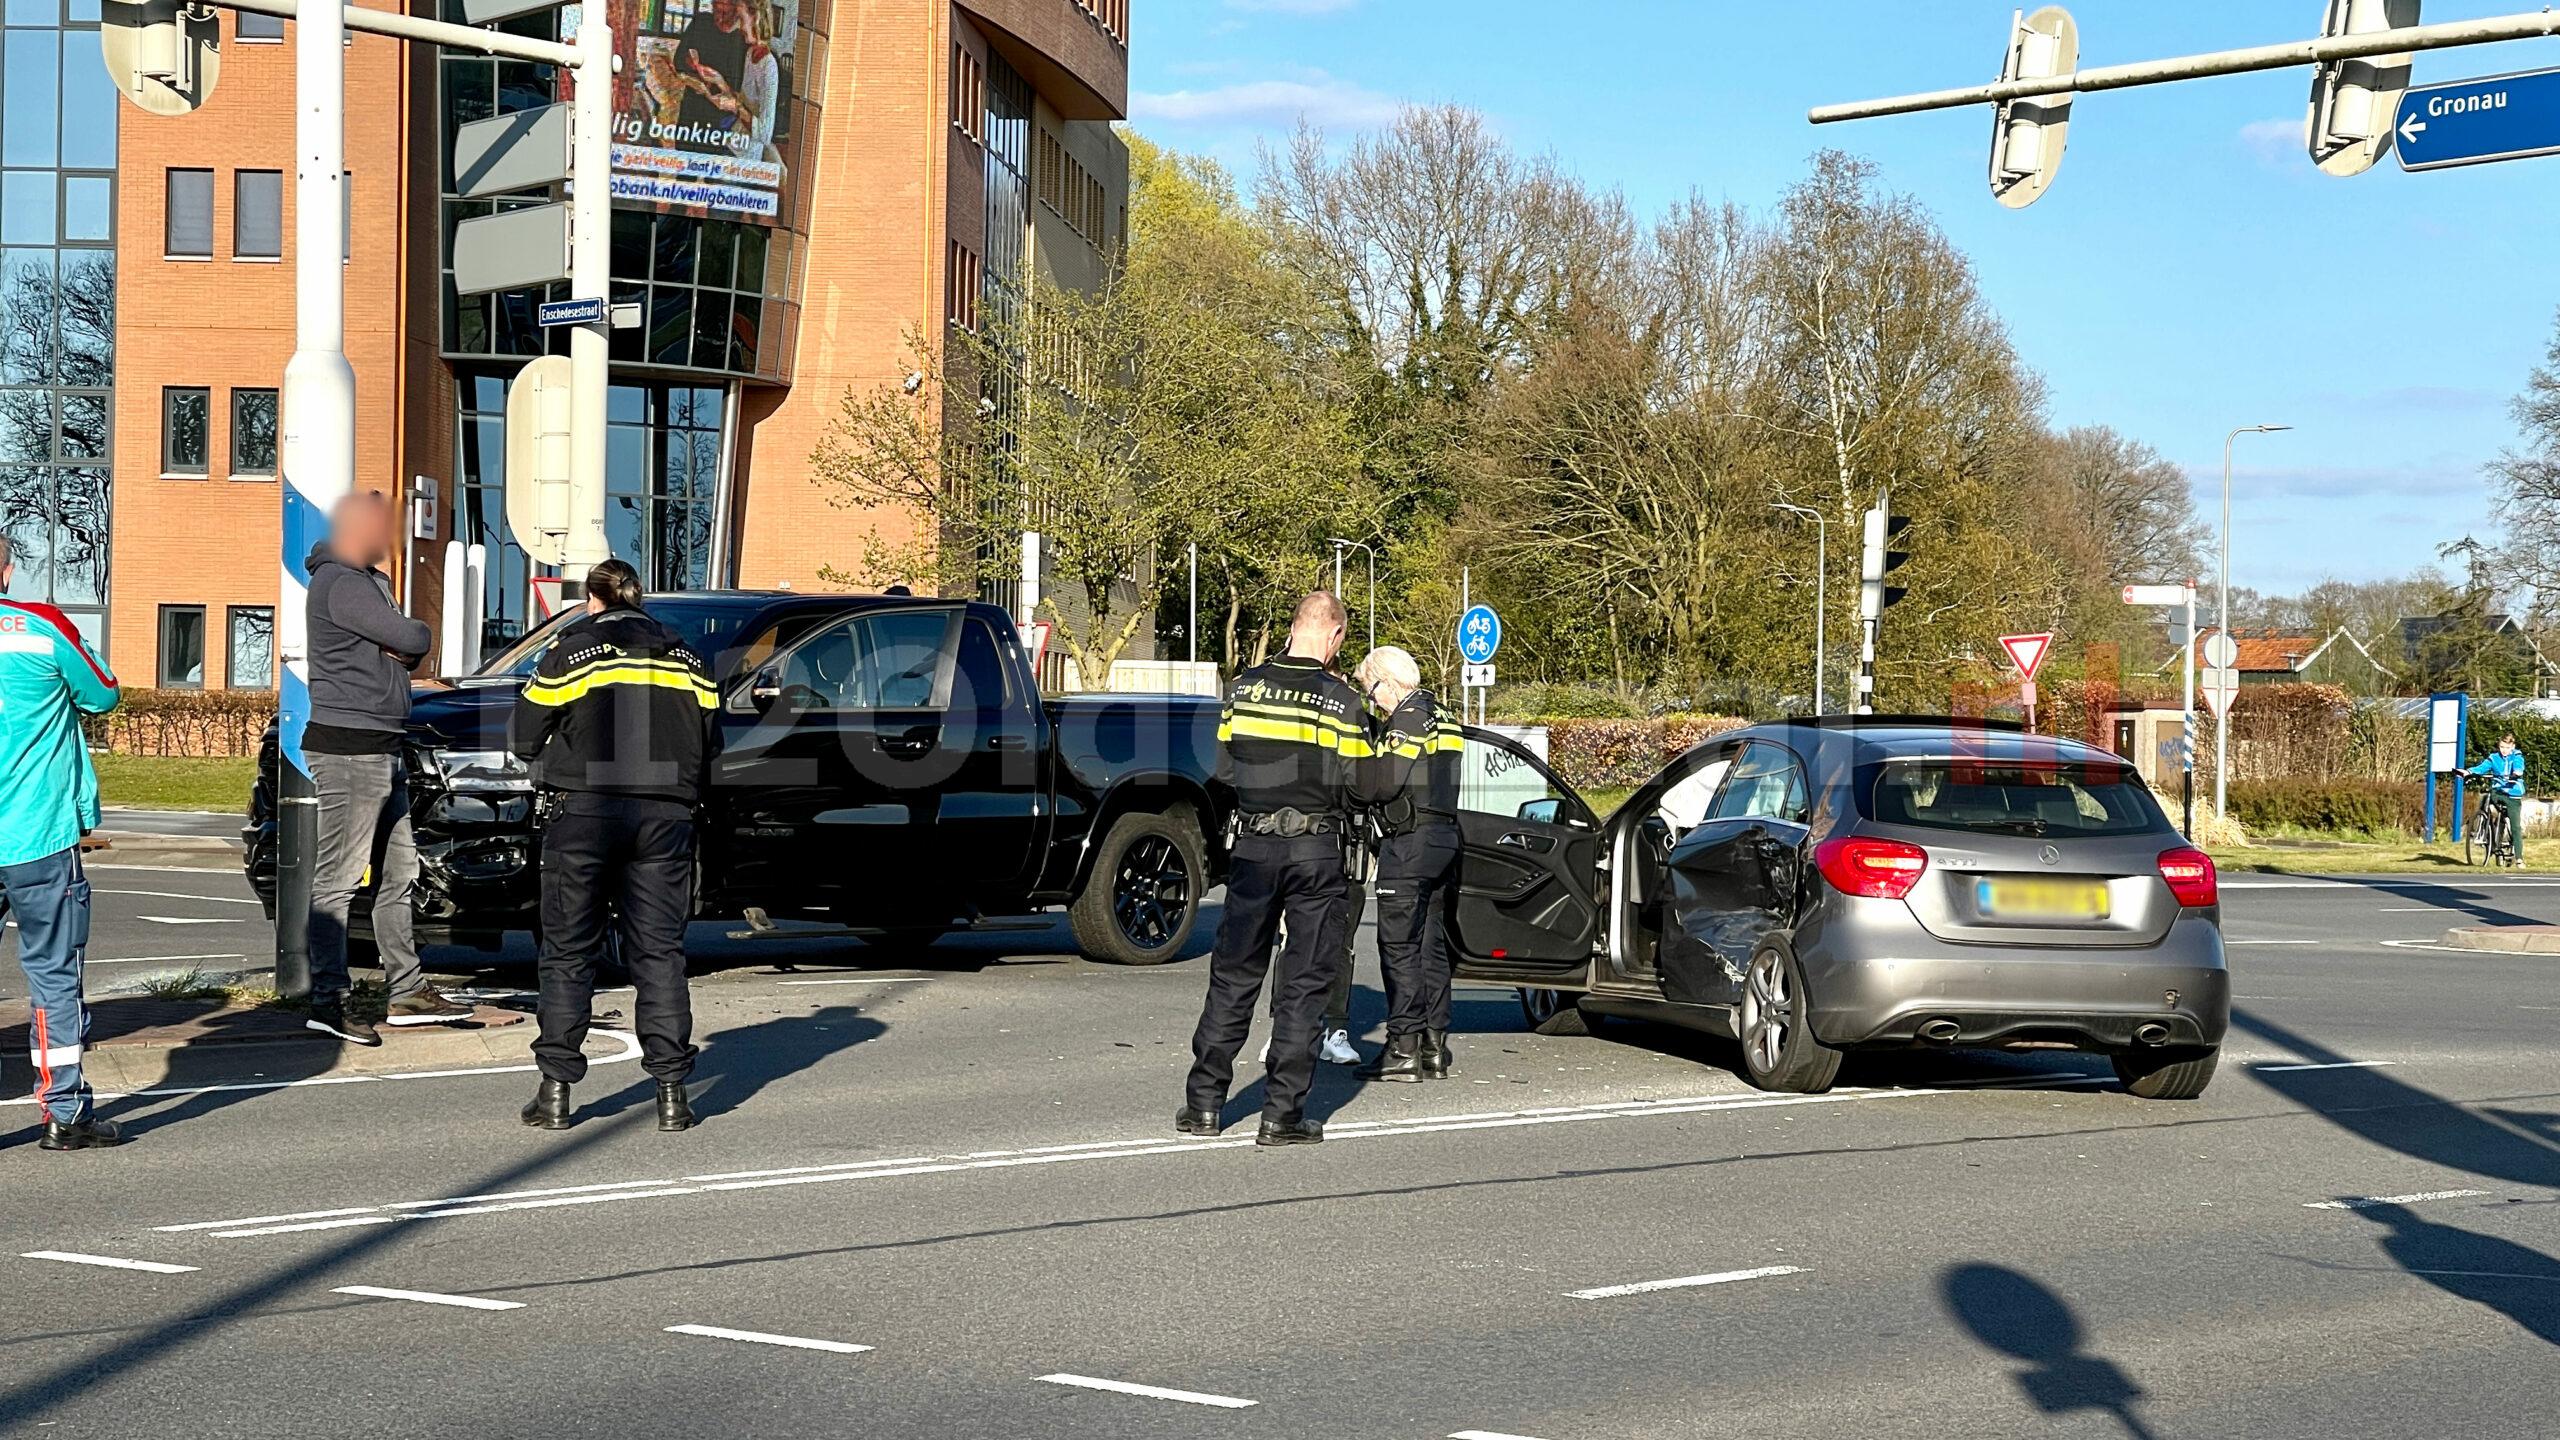 Verkeerslichten buiten werking; Schade bij ongeval tussen twee voertuigen in Oldenzaal